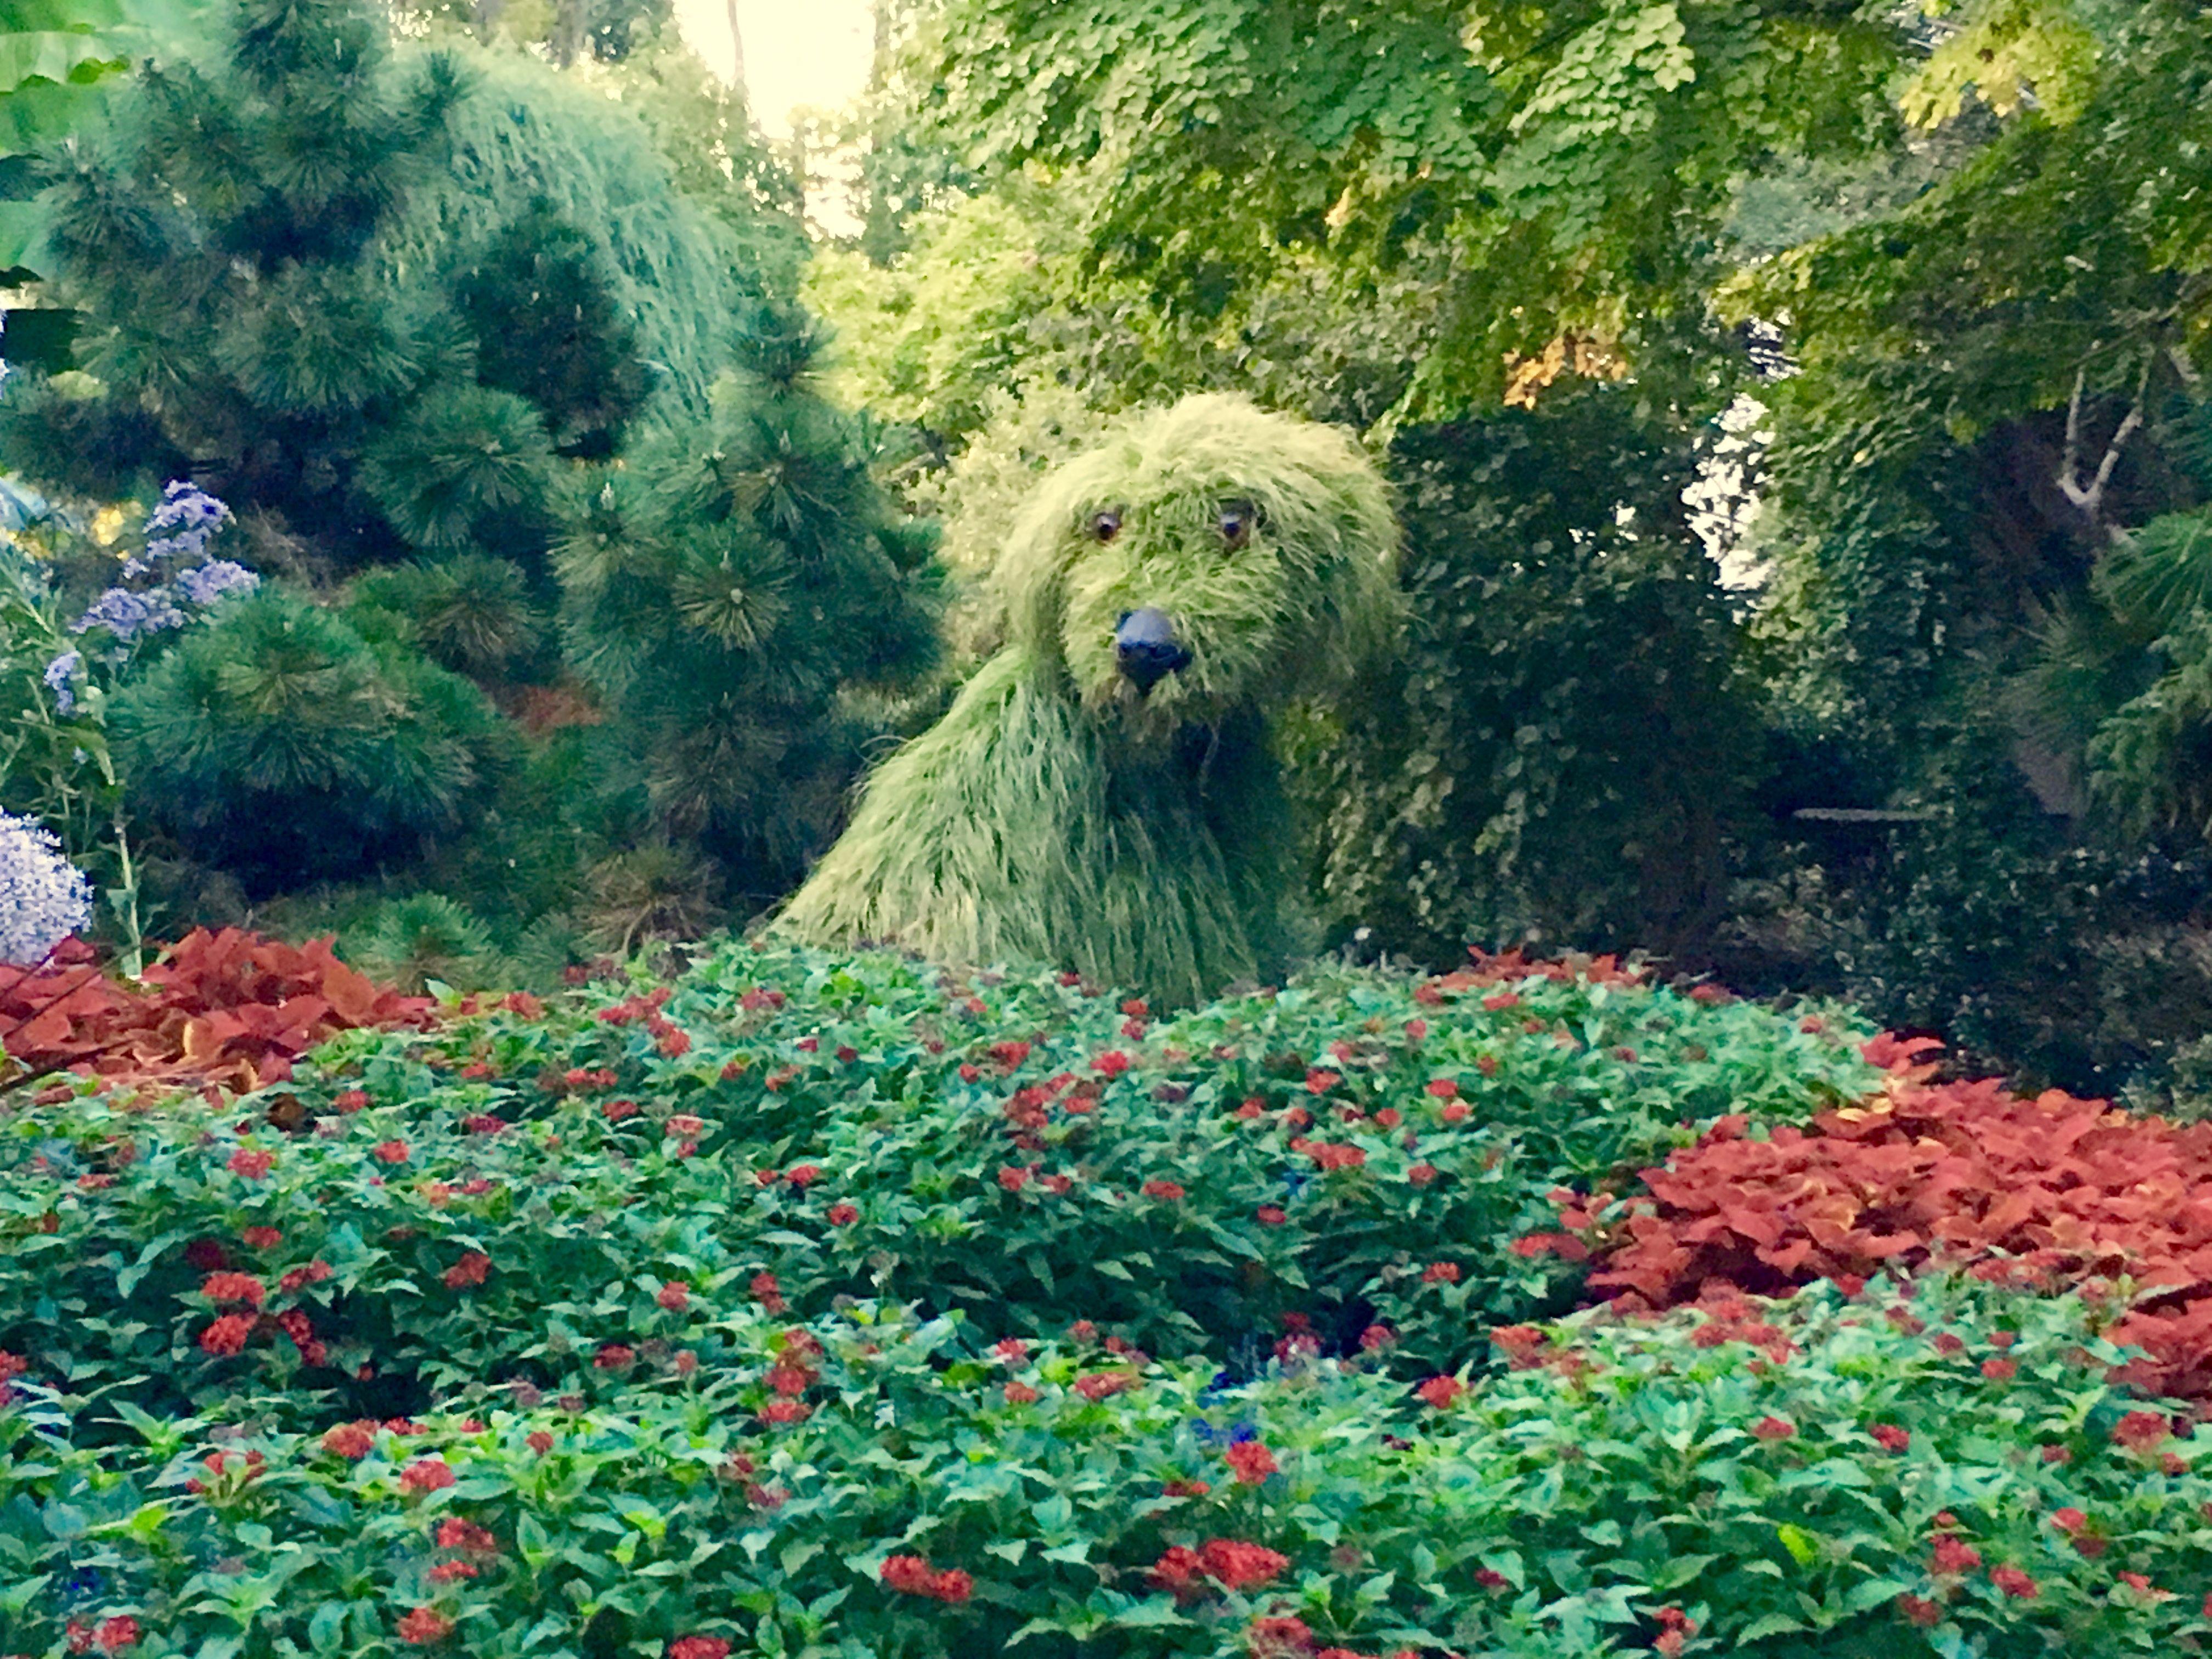 Shaggy Dog Atlanta Botanical Garden Atlanta Botanical Garden